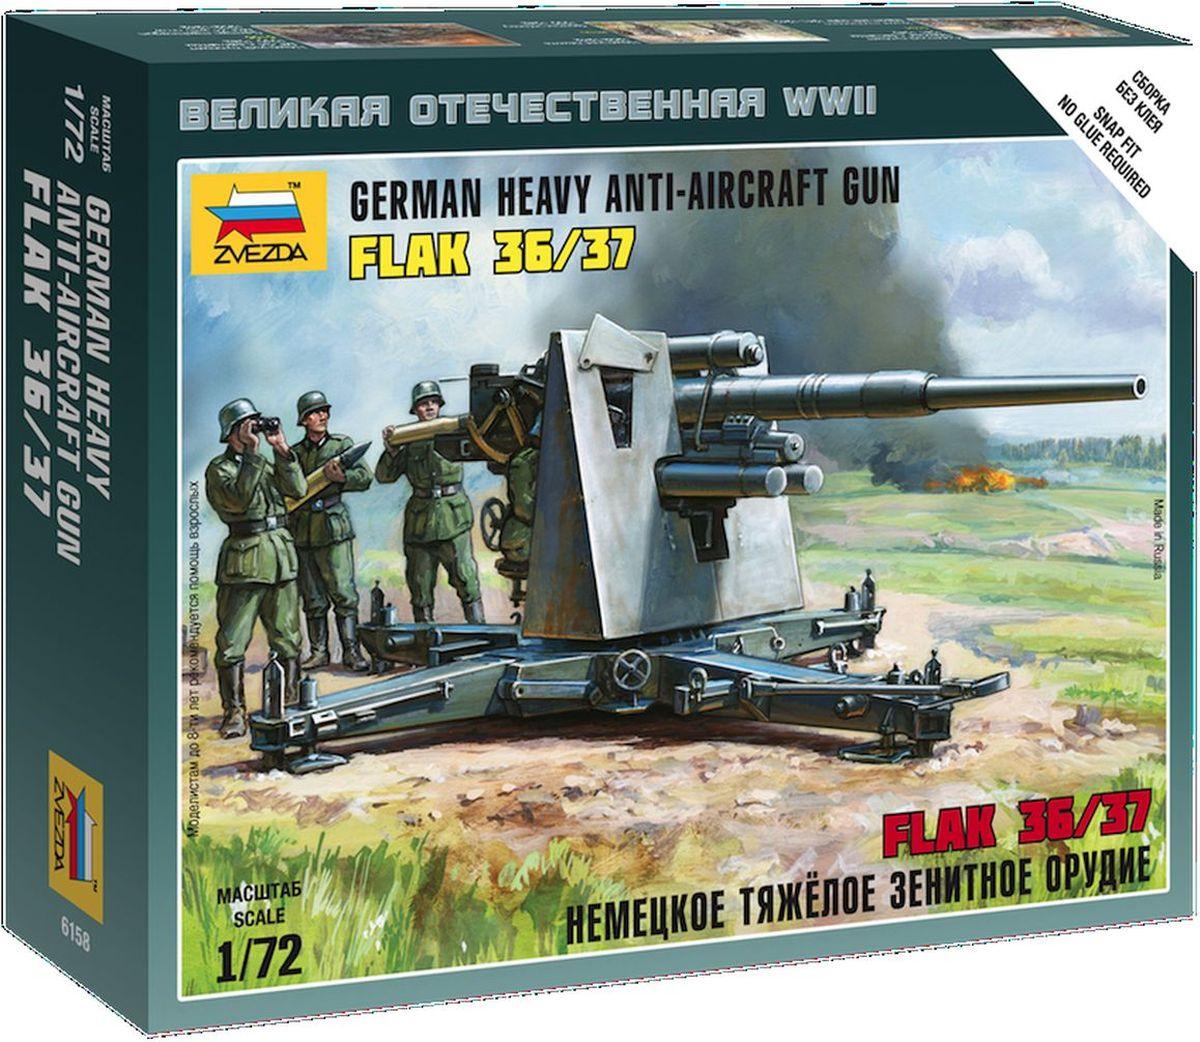 Звезда Сборная модель Немецкое тяжелое зенитное орудие Flak 36/376158С помощью сборной модели Звезда Немецкое тяжелое зенитное орудие FLAK 36/37 вы и ваш ребенок сможете собрать уменьшенную копию настоящего немецкого зенитного орудия. Набор включает в себя 45 пластиковых элементов для сборки орудия и 4 фигурок солдат, а также инструкцию на русском языке. Все фигурки могут быть установлены на отрядной подставке для игры, а для коллекционеров и моделистов фигурки могут быть установлены на индивидуальные подставки. Сборка без клея! Немецкое зенитное орудие Flak 36/37, также известное, как восемь-восемь, считается одним из лучших орудий Второй мировой войны. Оно использовалось не только против воздушных целей, но и в качестве противотанкового орудия. Flak 8.8 послужило основой при создании новых немецких танков и по праву считалось самым мощным танковым орудием. Процесс сборки развивает интеллектуальные и инструментальные способности, воображение и конструктивное мышление, а также прививает практические навыки работы со схемами и...